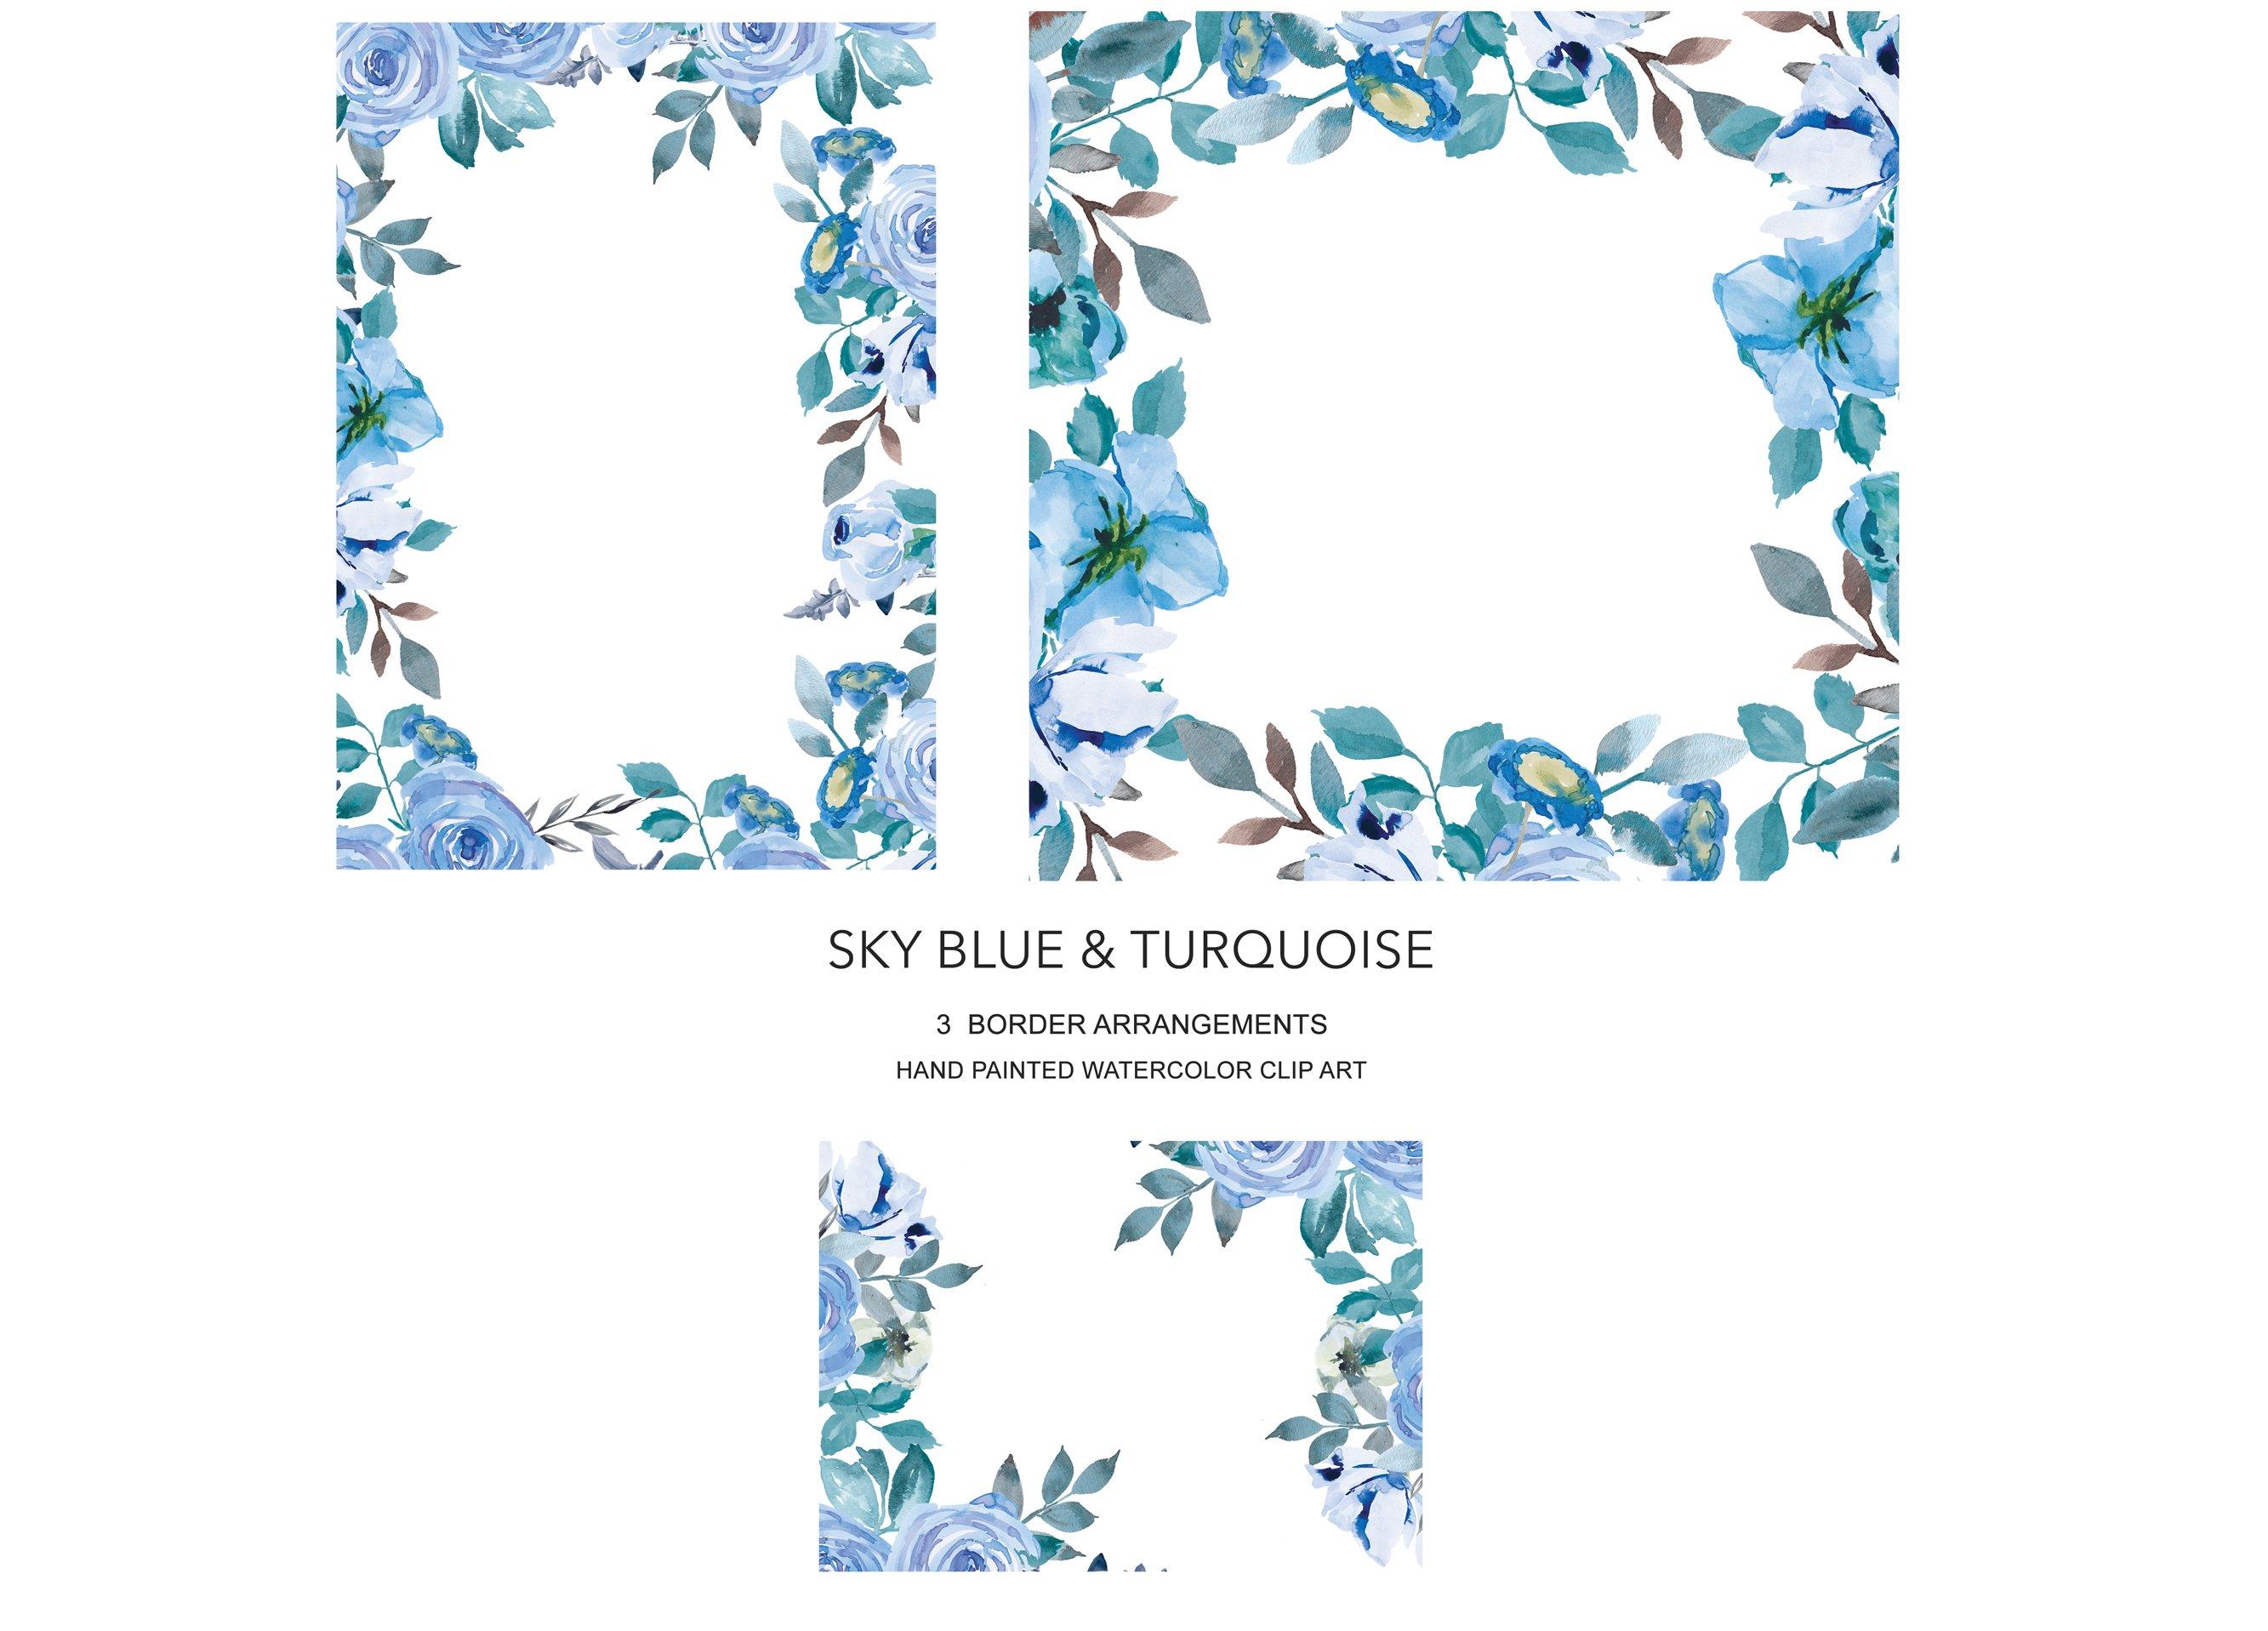 sky blue floral border set illustrations creative market